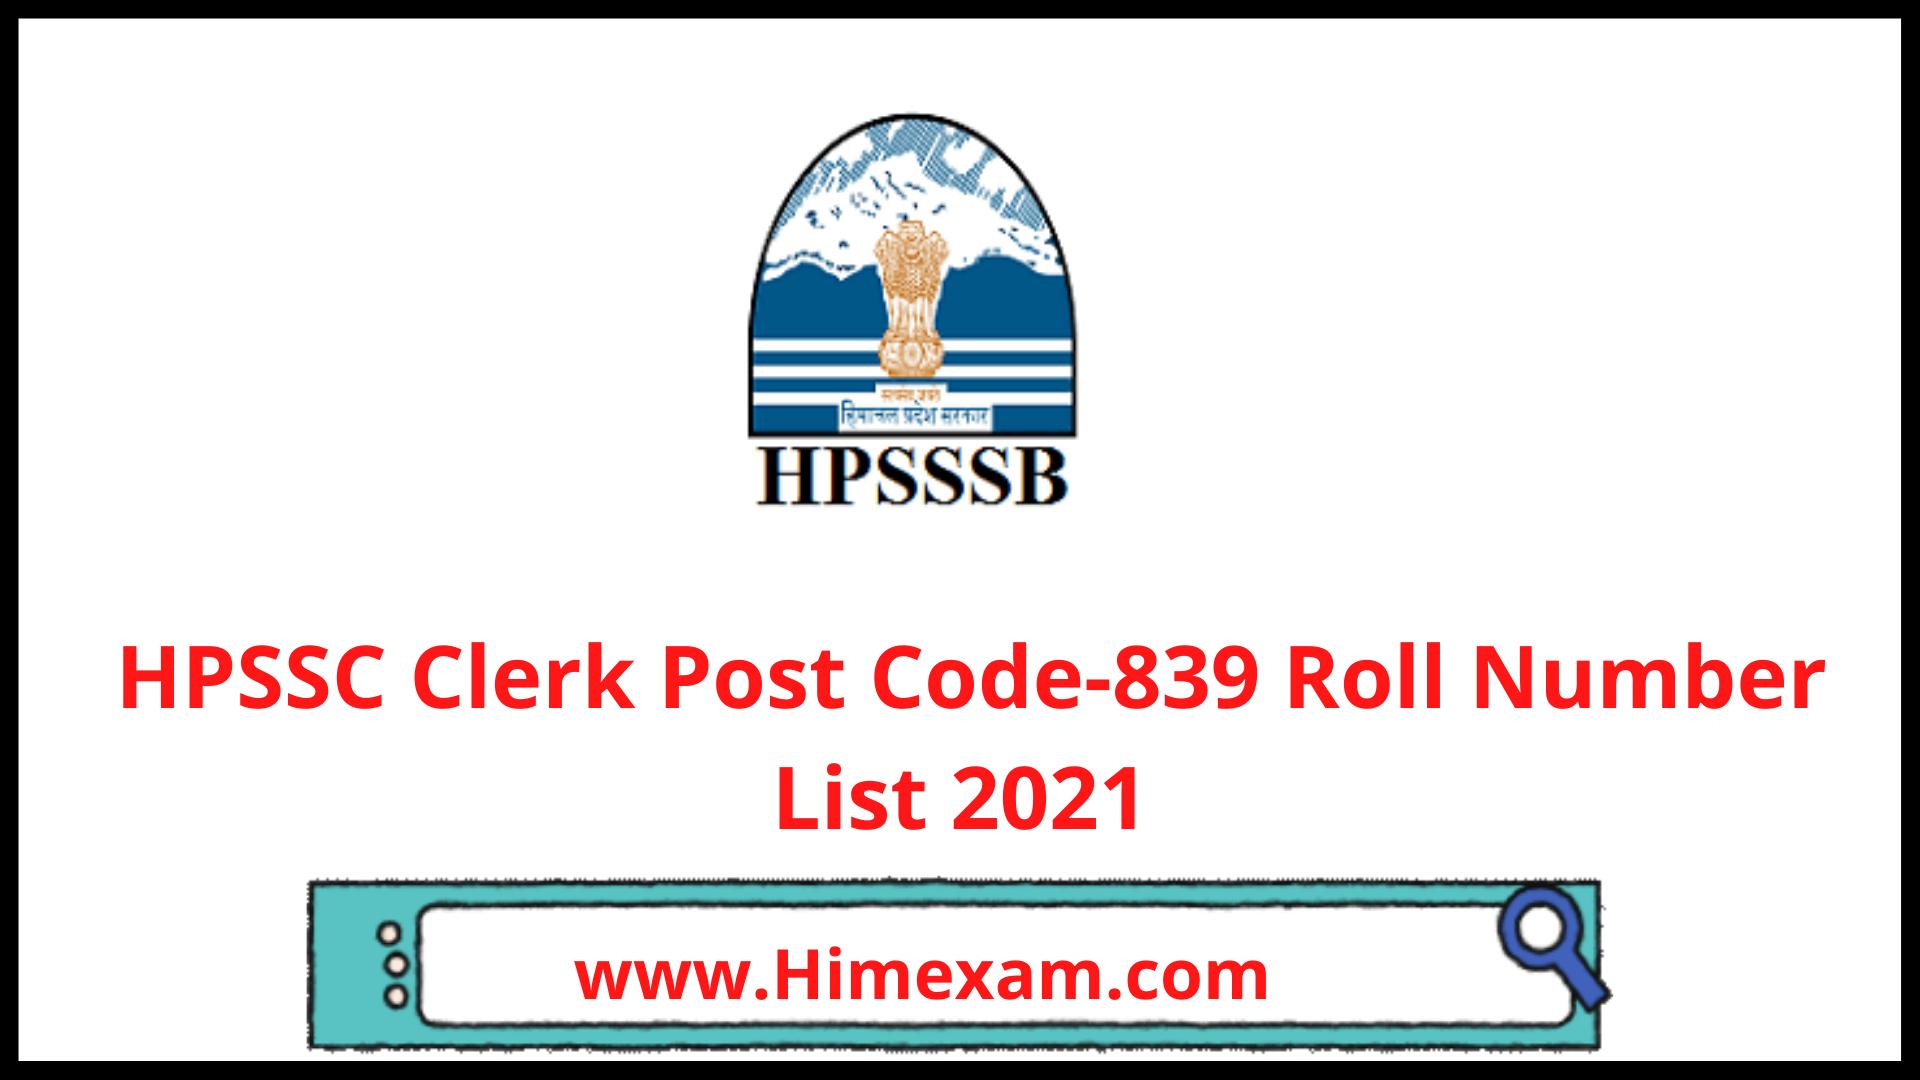 HPSSC Clerk Post Code-839 Roll Number List 2021